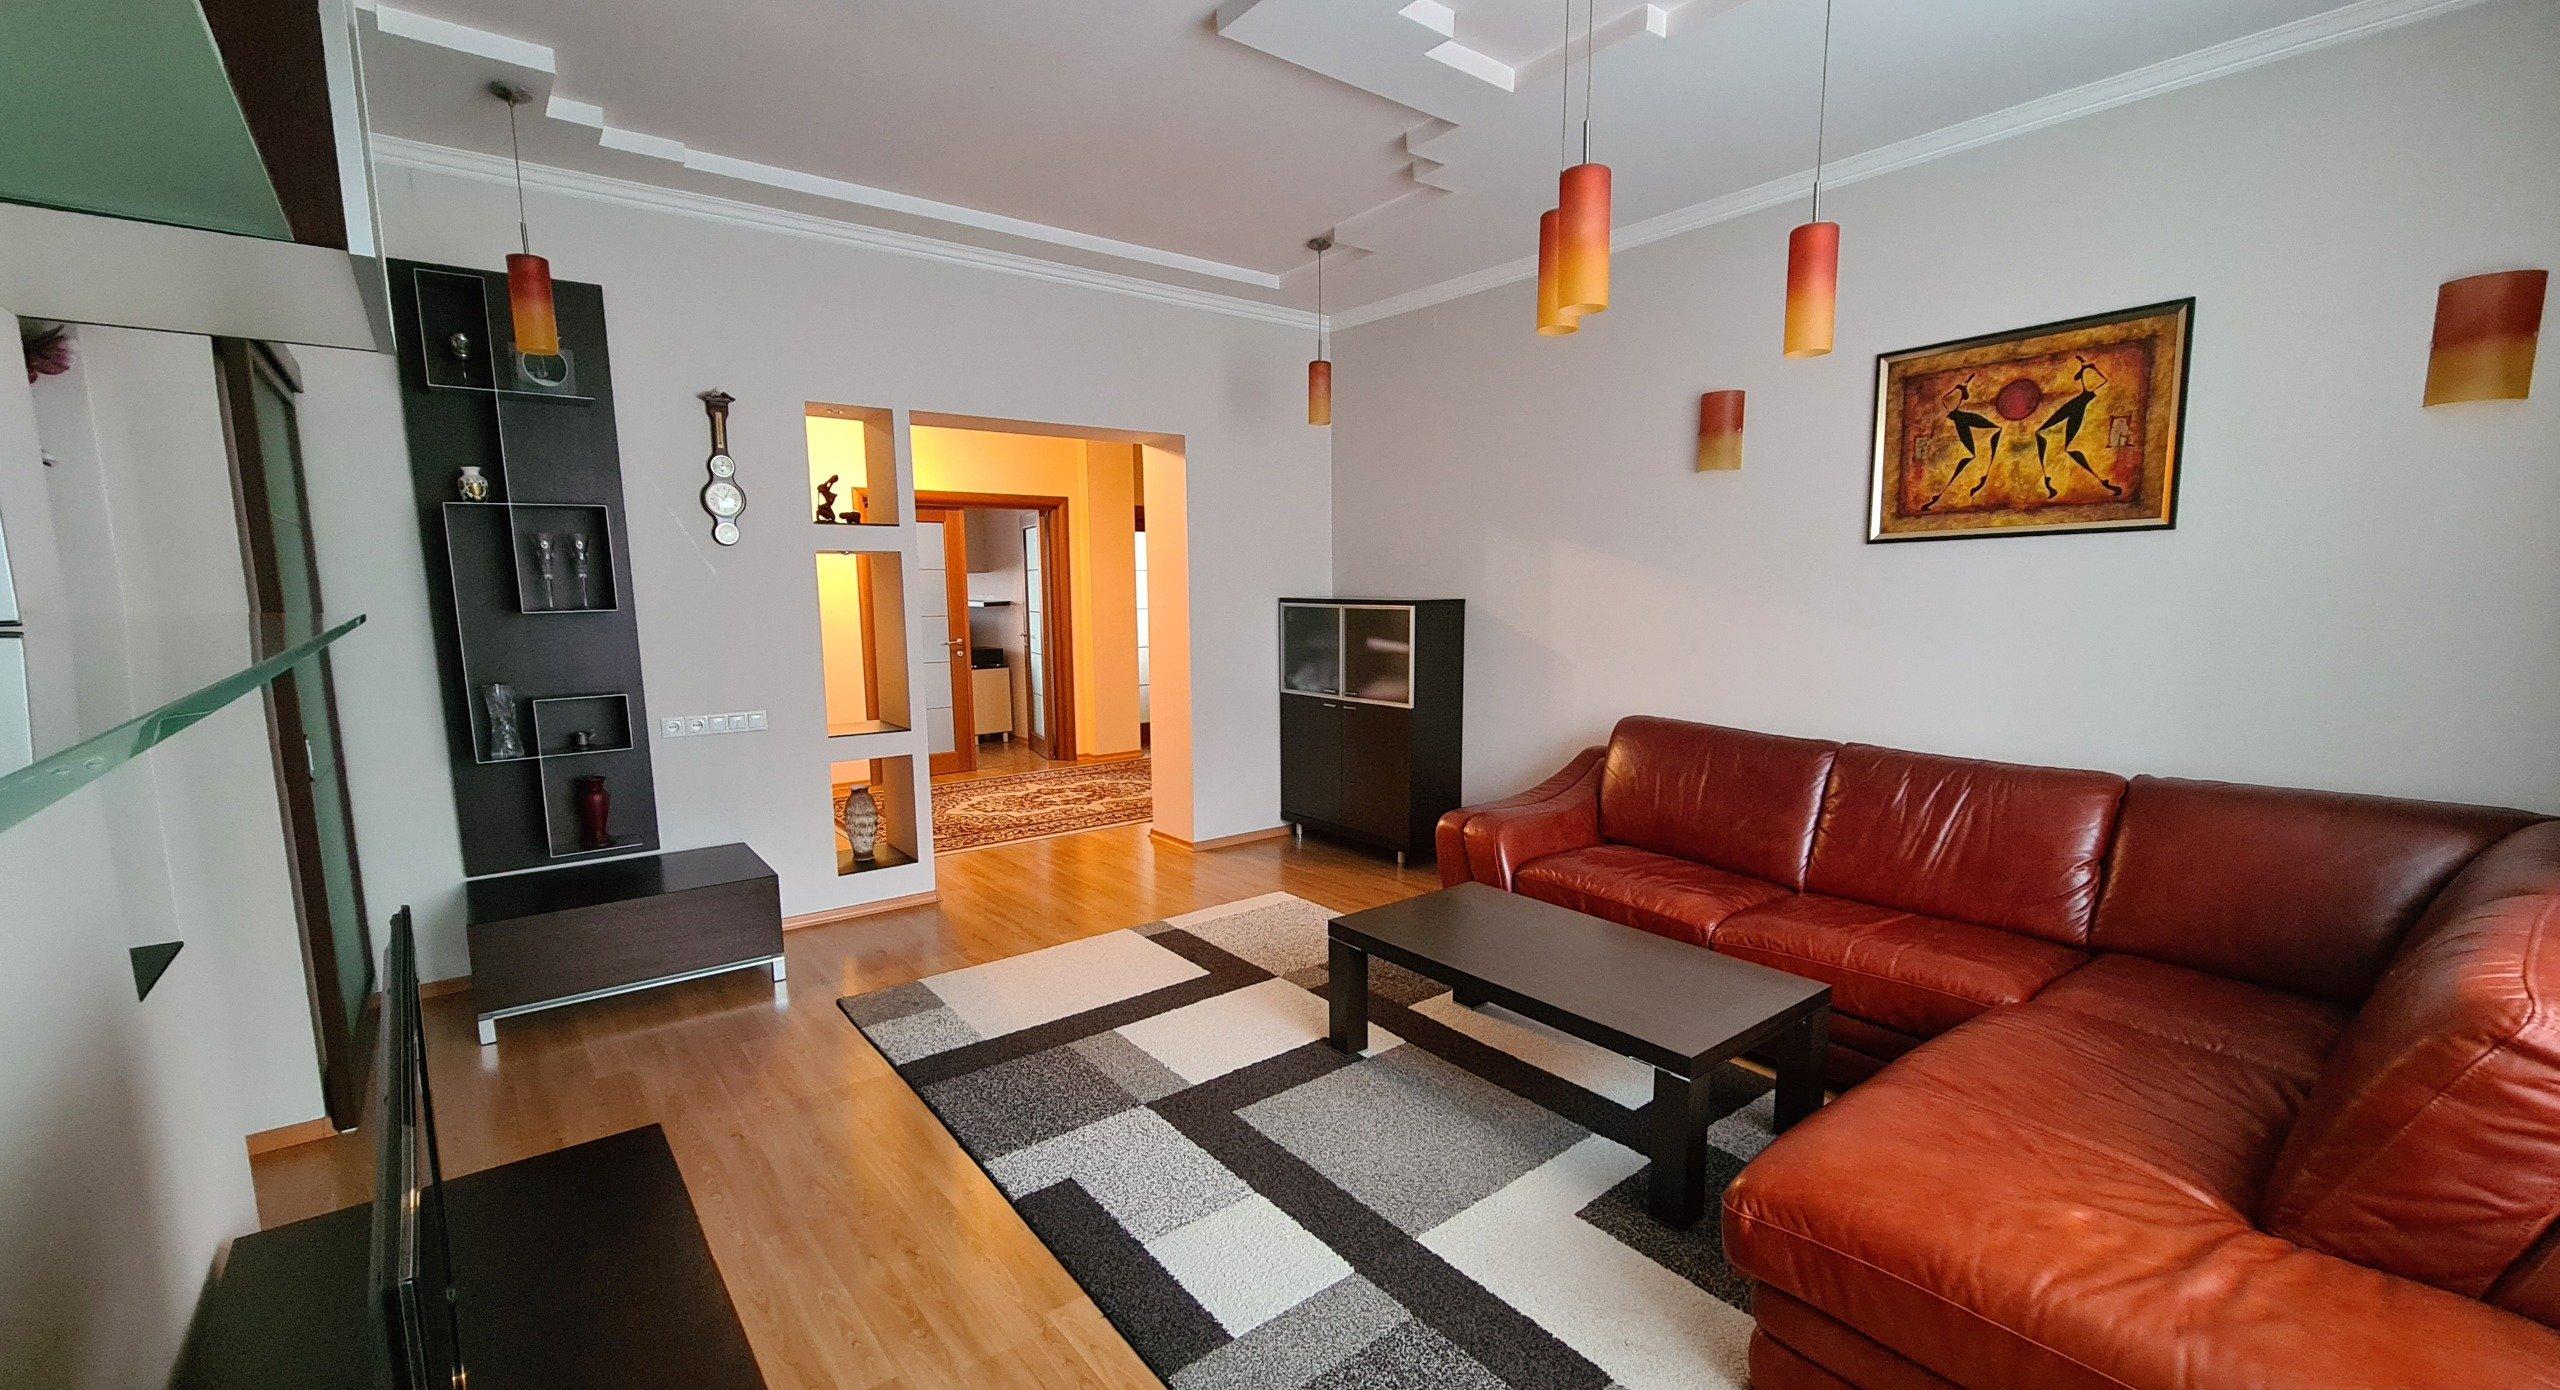 4к квартира ул Елены Стасовой, д 25 | 70000 | аренда в Красноярске фото 0